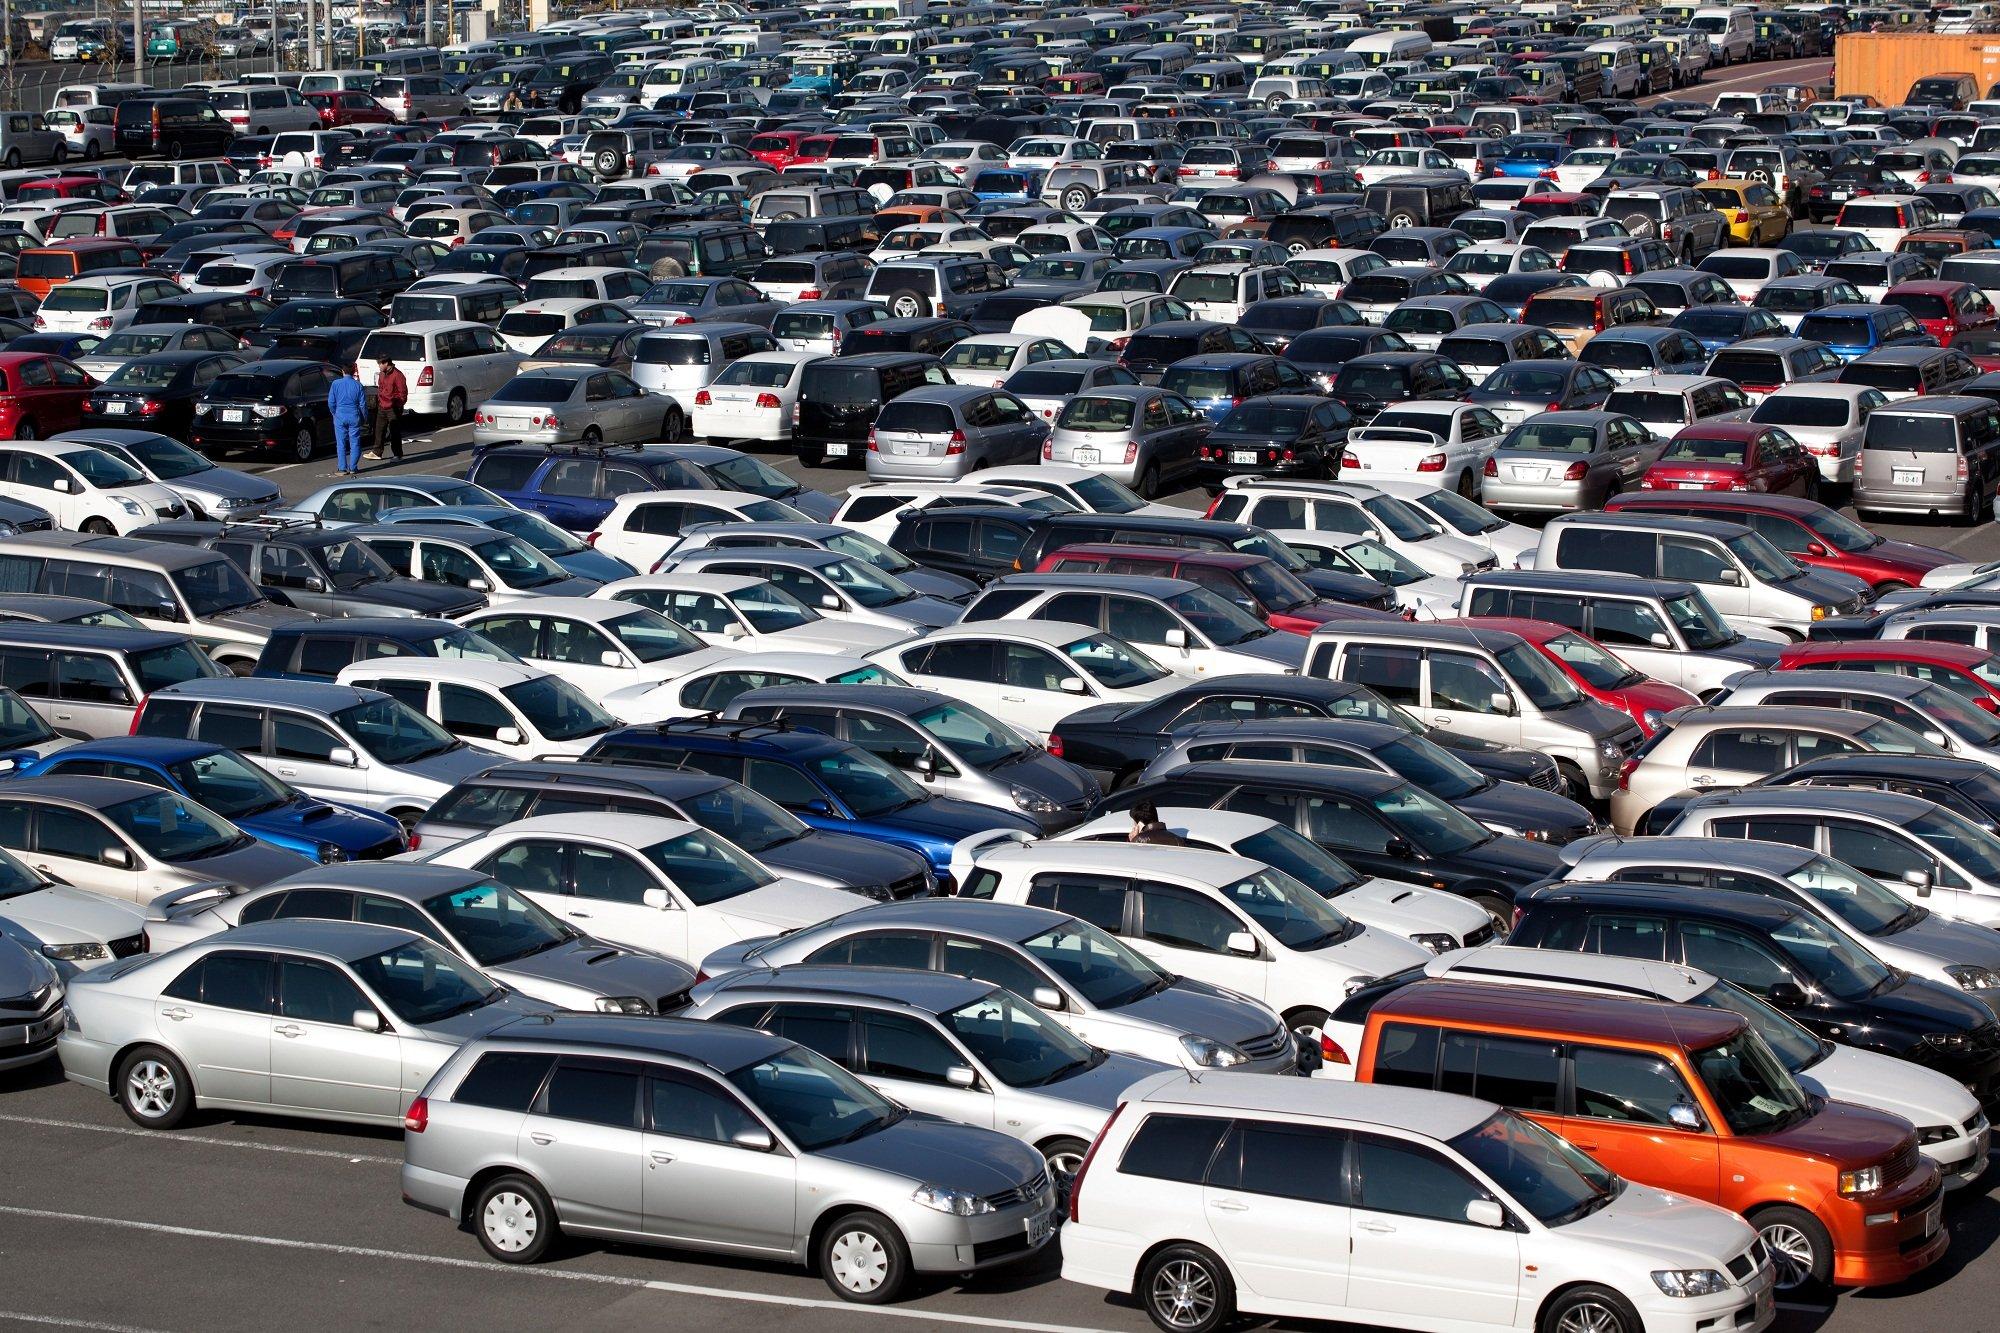 В РФ на тысяча граждан приходится 293 легковых автомобиля